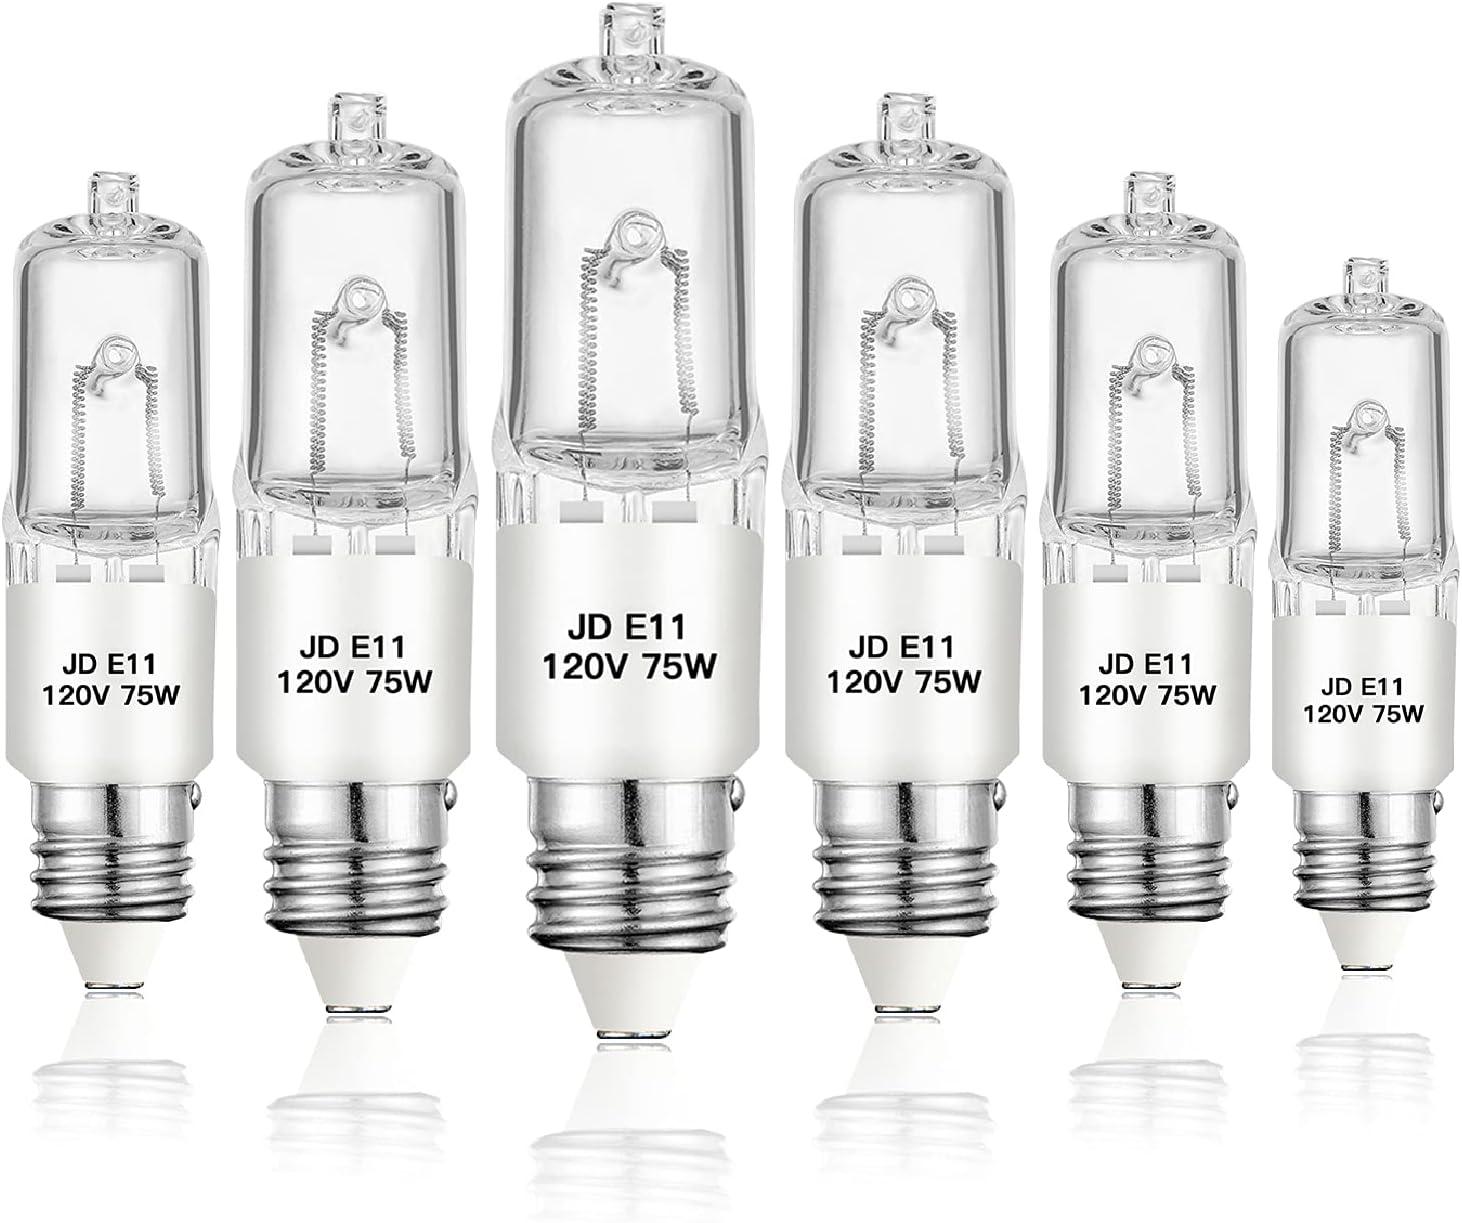 Jaenmsa E11 Light Bulbs, JDE11 120v 75w Halogen Light Bulb Dimmable T4 E11 Mini Candelabra Base Lamp Bulb, High Output 1050lm 2700K Warm White for Ceiling Fan, Lamp, Chandeliers, Cooker Light (6 Pack)